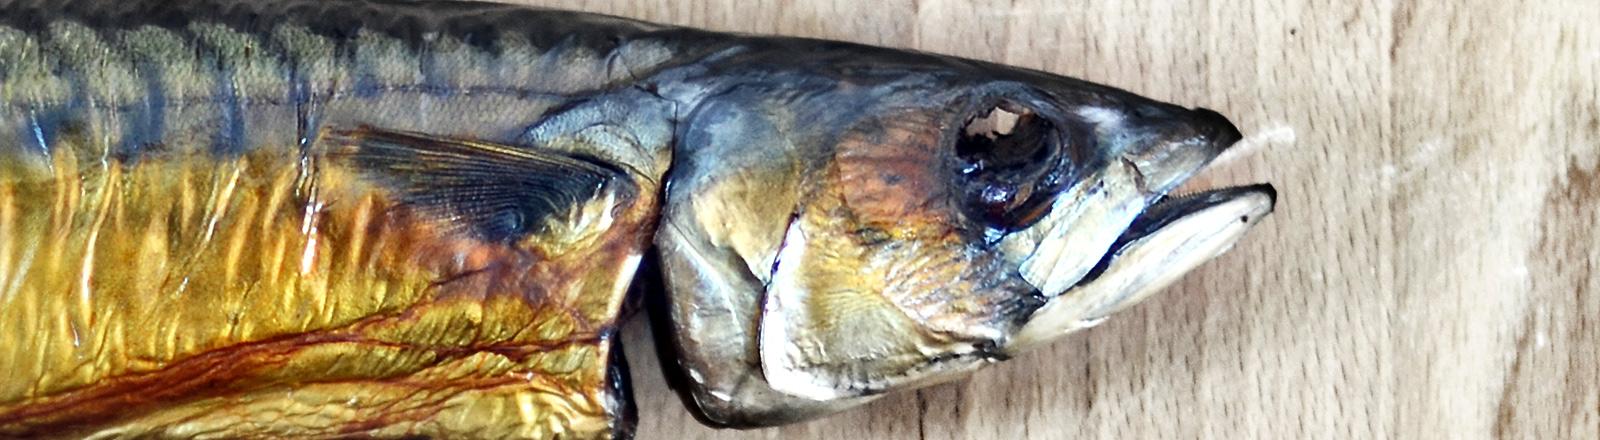 Eine Makrele auf Holzuntergrund